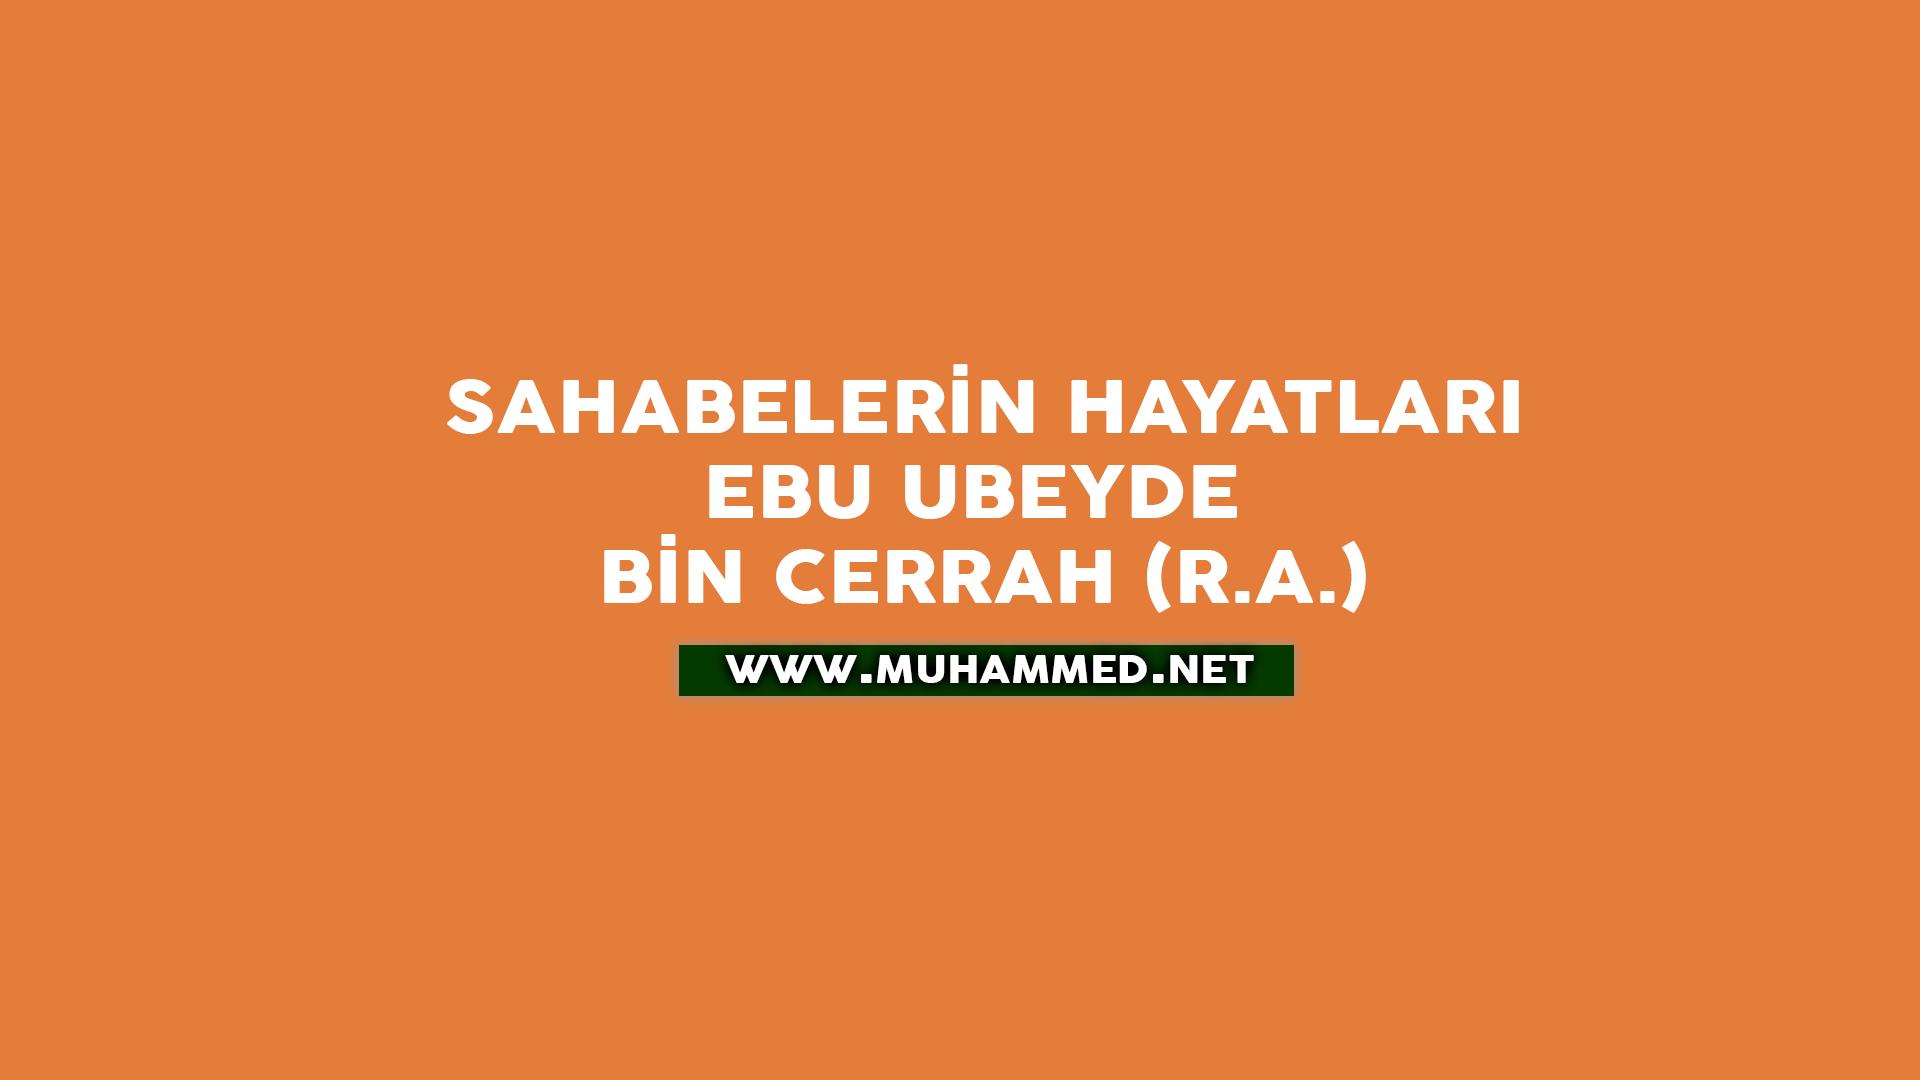 Ebu Ubeyde bin Cerrah (r.a.)